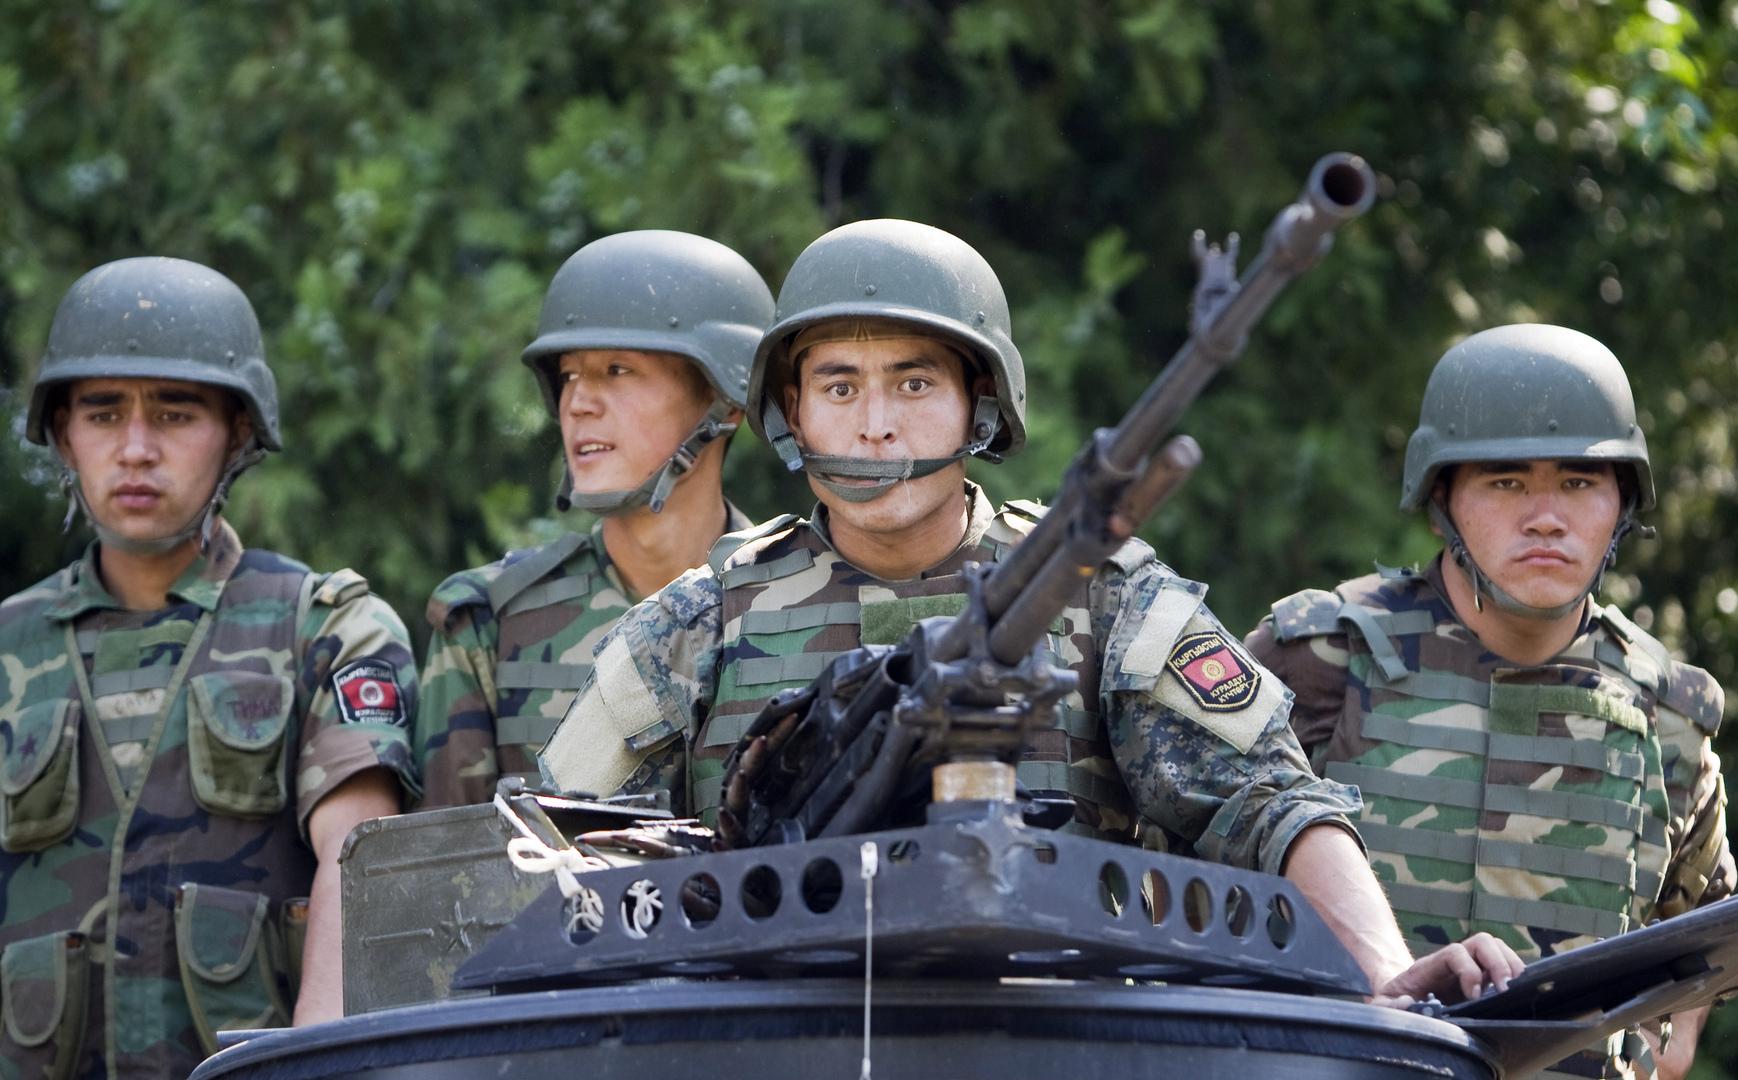 قرغيزيا تتهم الجيش الطاجيكي باستهداف مناطق سكانية وتعلن الحداد على ضحايا النزاع المسلح